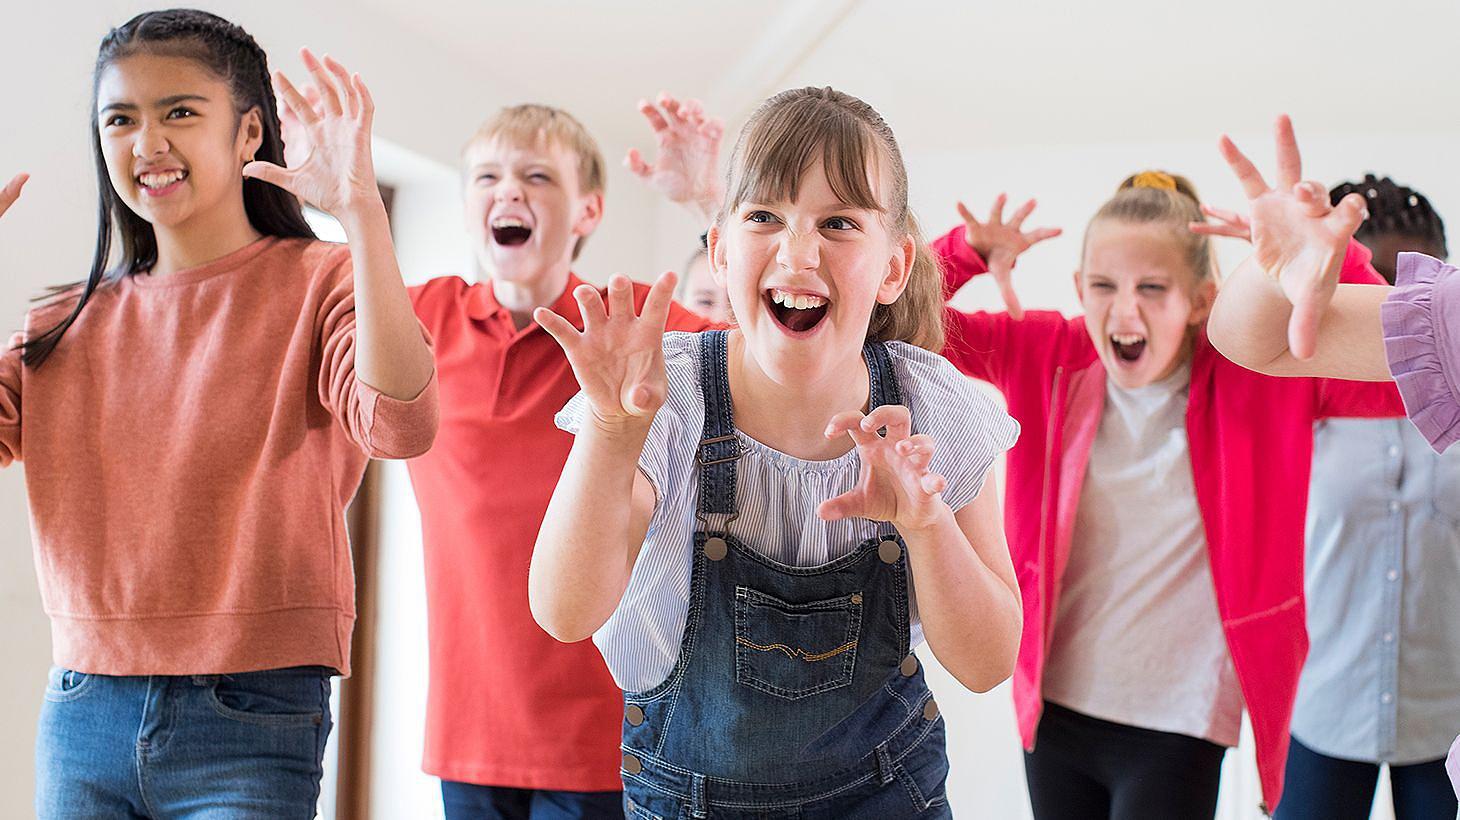 100 Fun School Holiday Activities for Kids